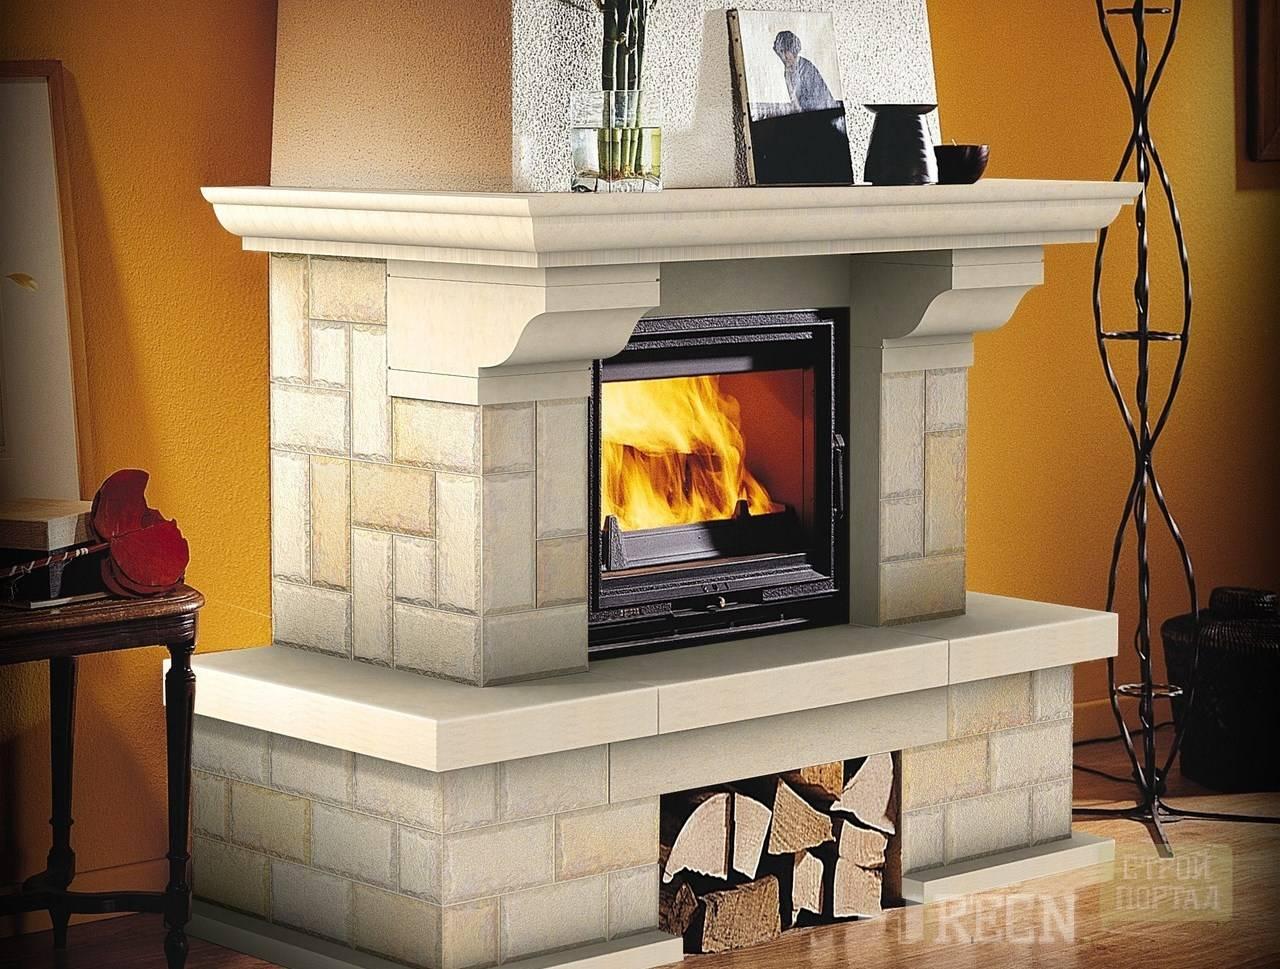 Термостойкий клей для плитки на печь или камин - как выбрать?